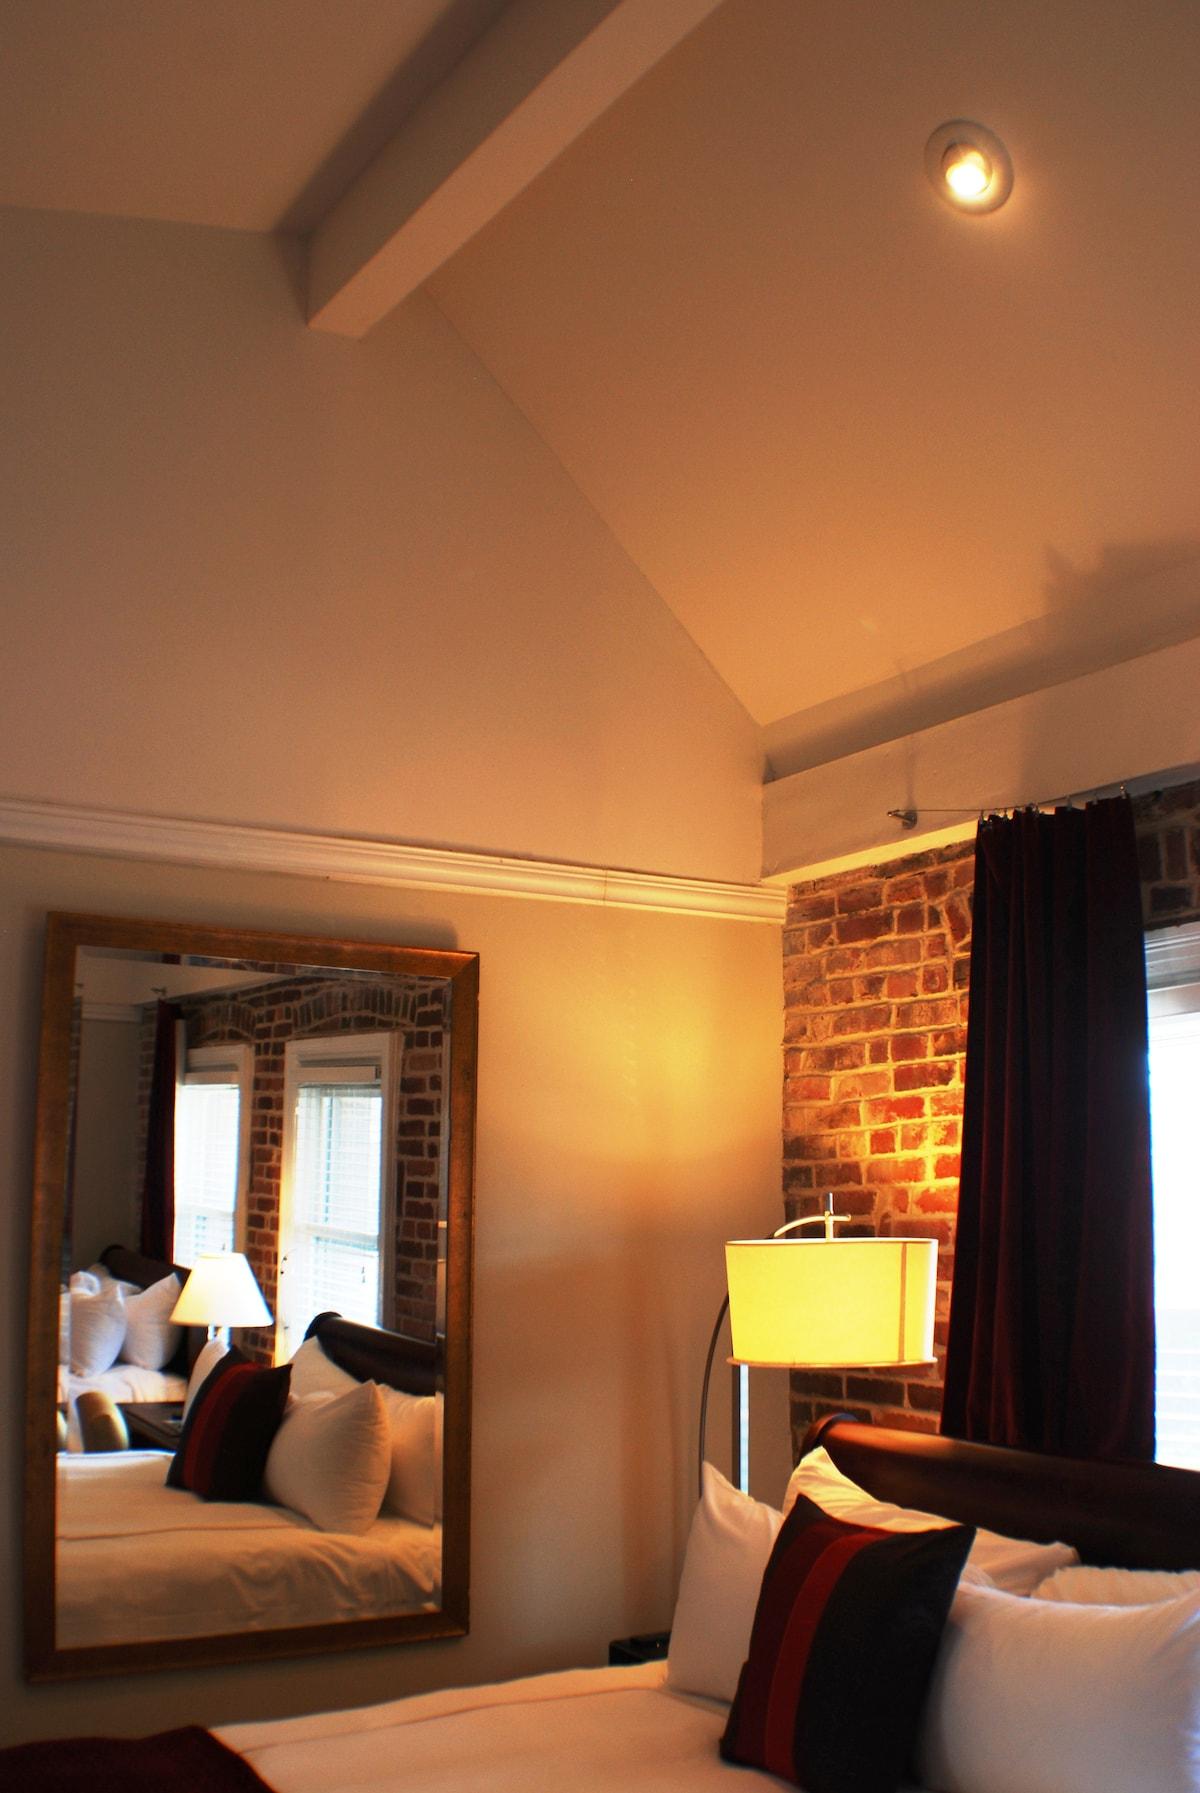 Exposed brick walls in bedroom